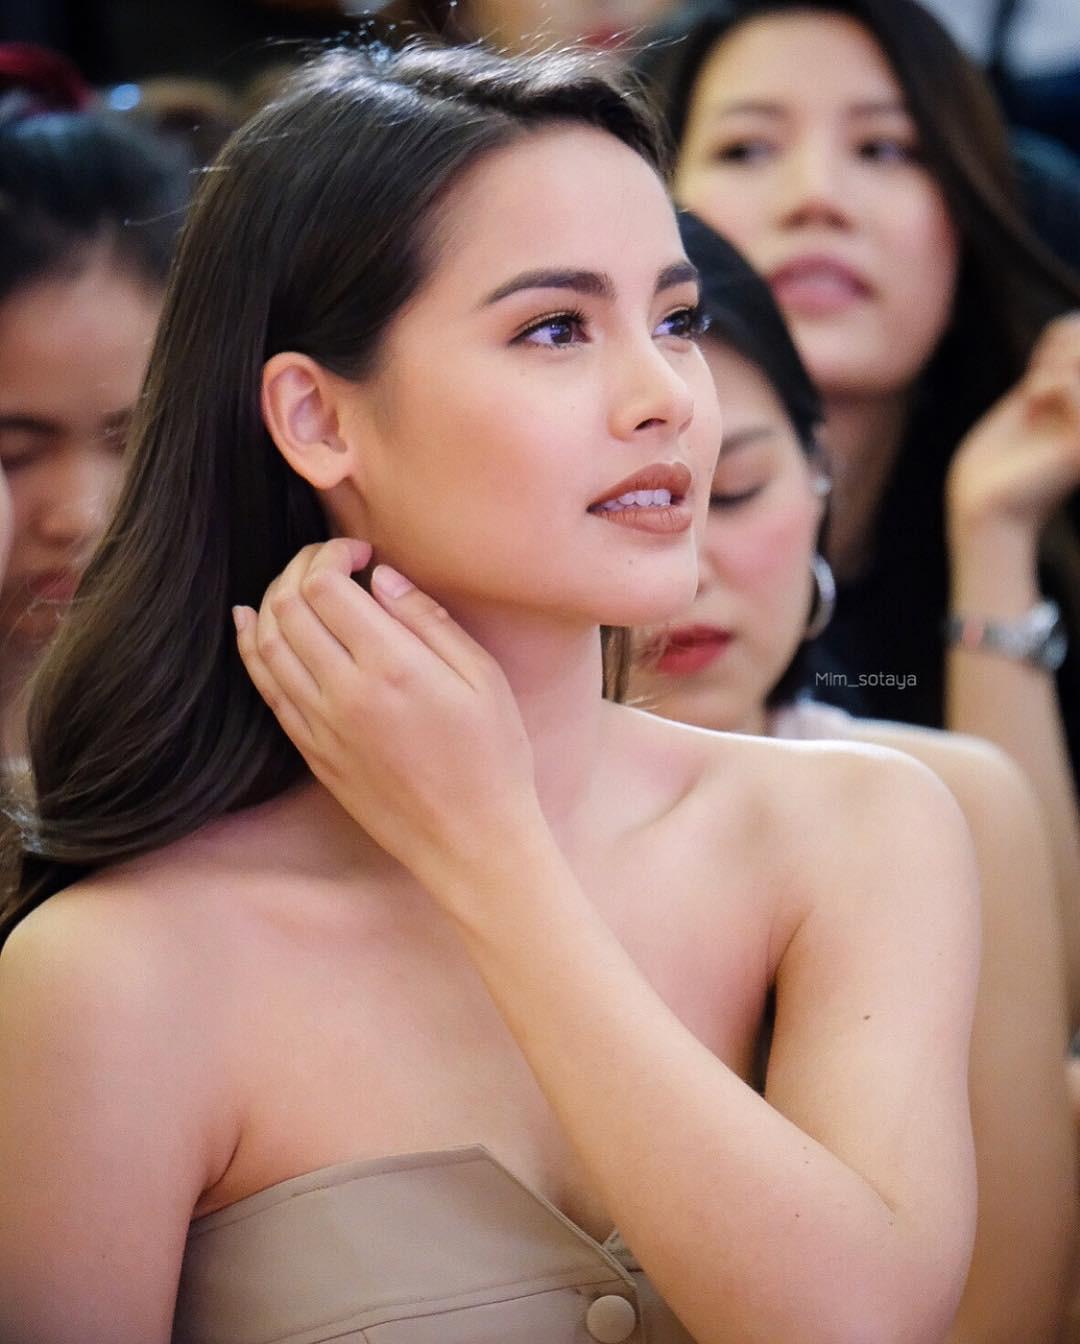 Showbiz Thái toàn các thánh ngoại ngữ: Người nói tận 6 thứ tiếng, Hoa hậu bất ngờ bắn tiếng Việt cực sõi - Ảnh 3.